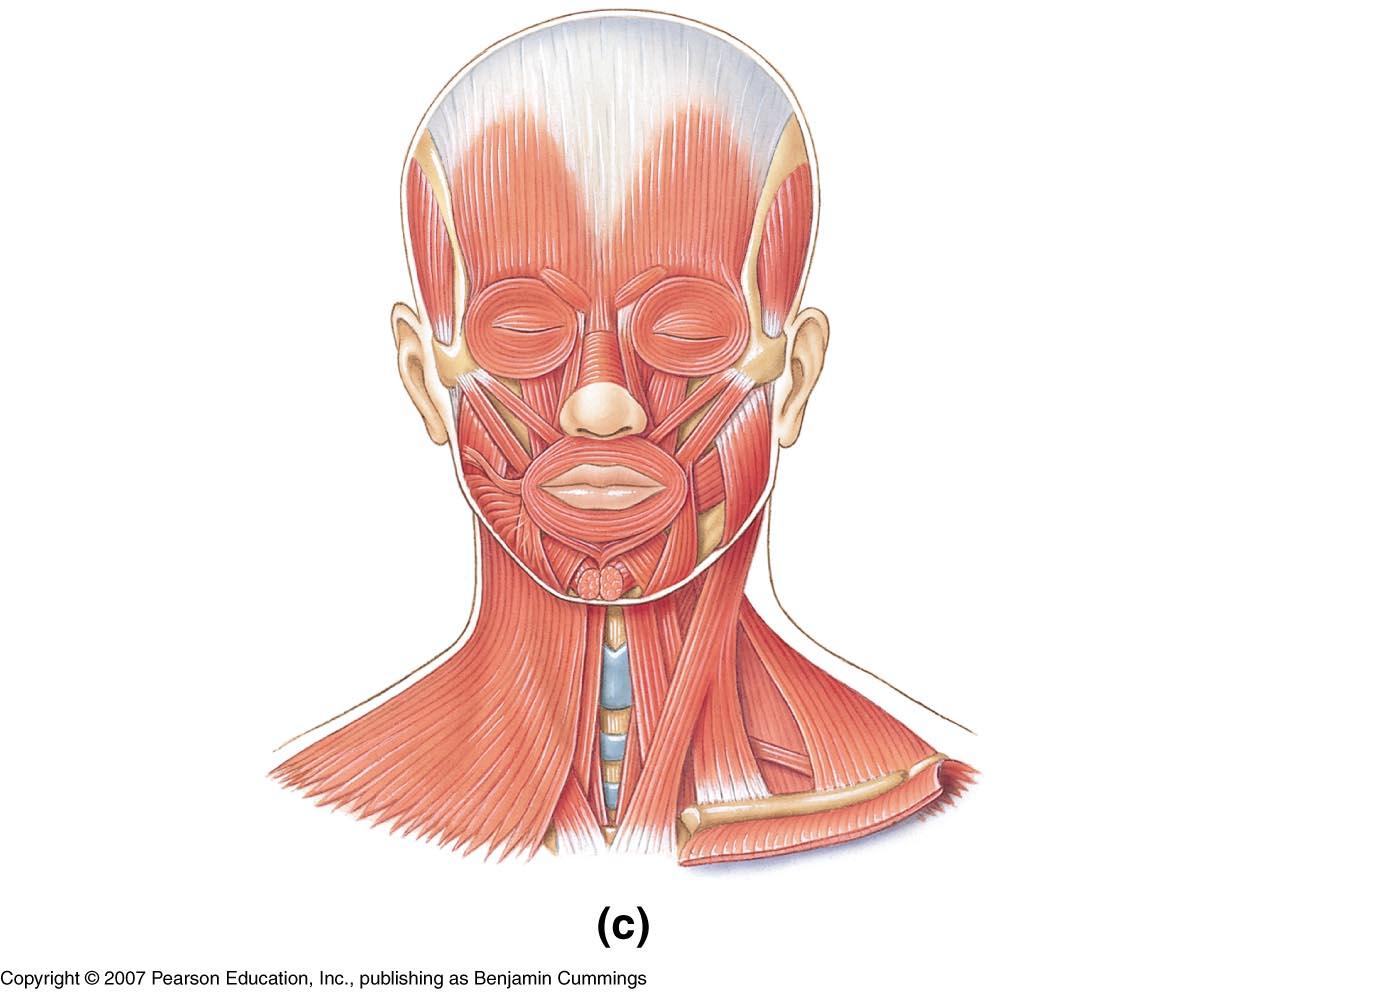 frontal , orbicularis ocili , orbicularis oris , temporal